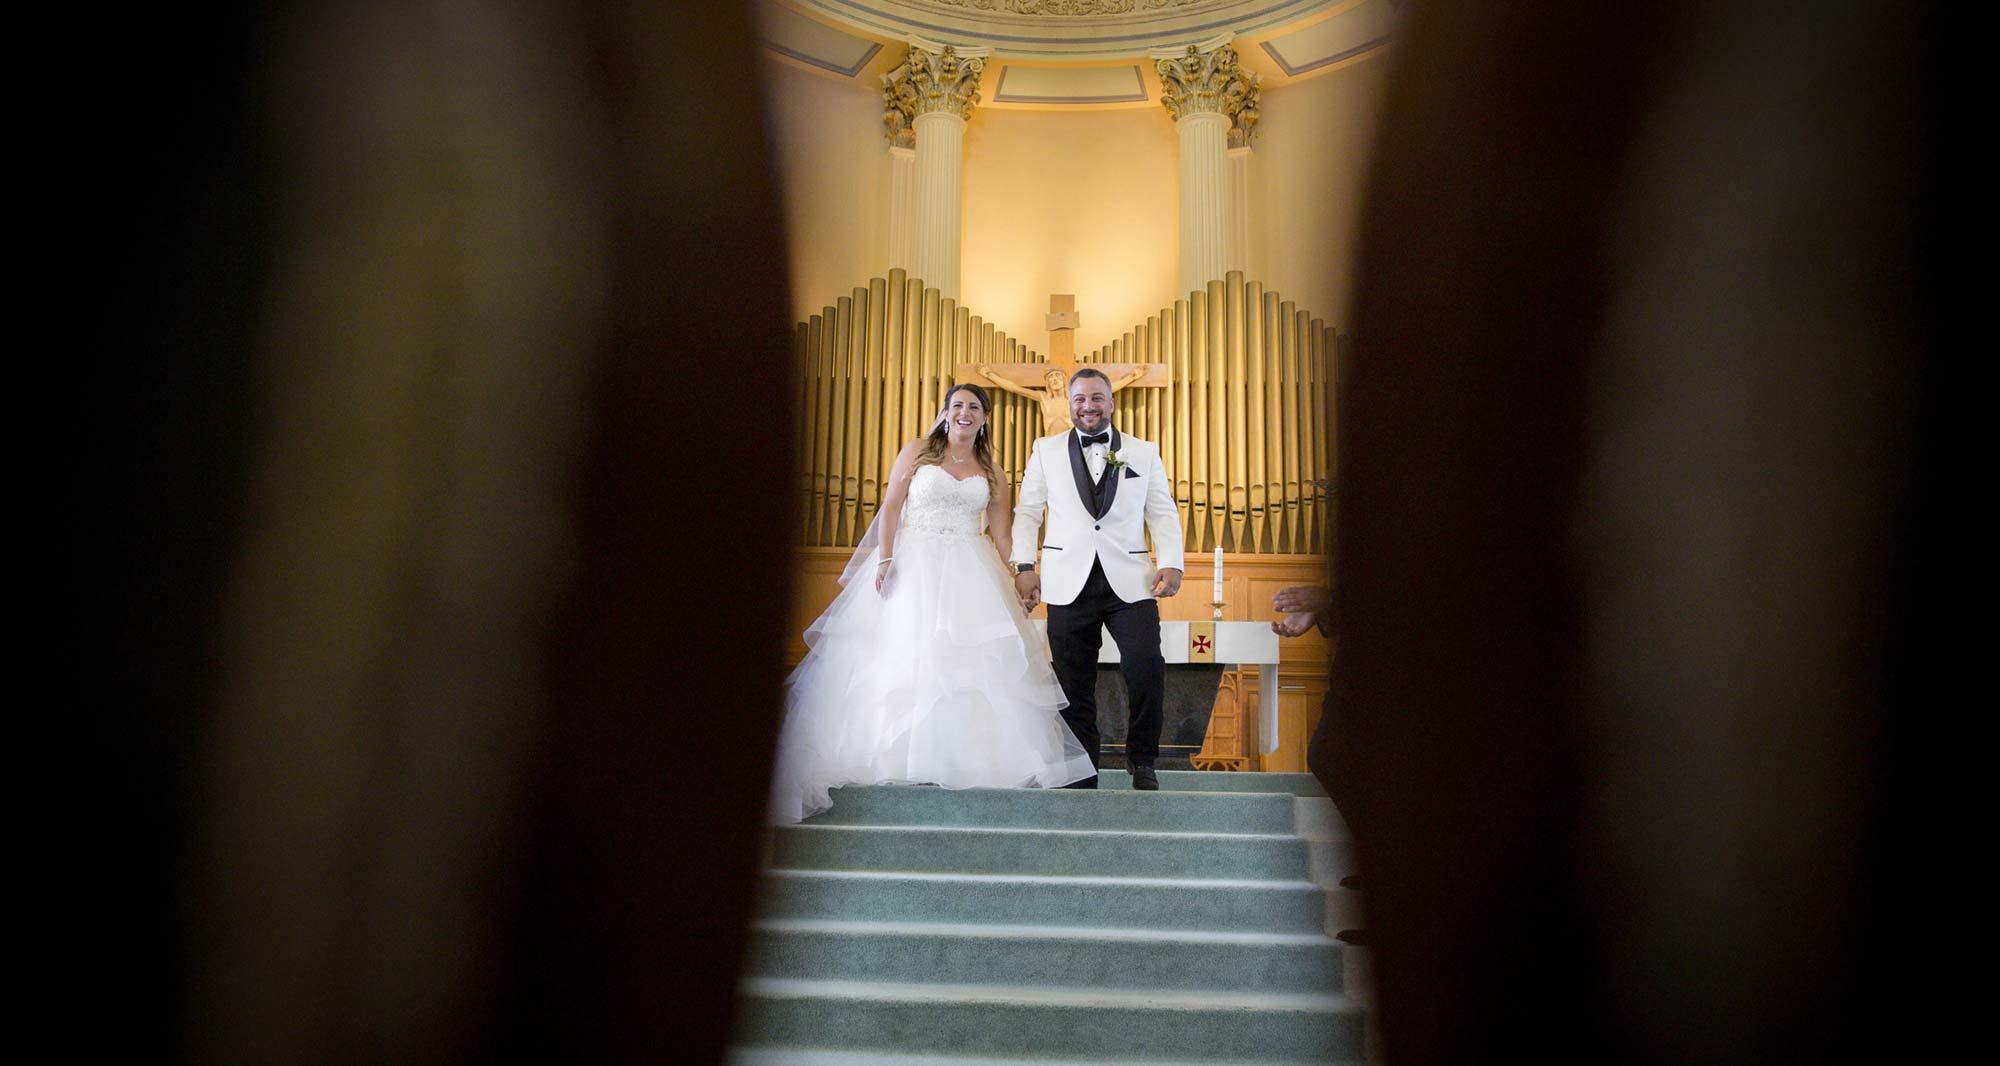 Wedding - Sabrina & Daniel